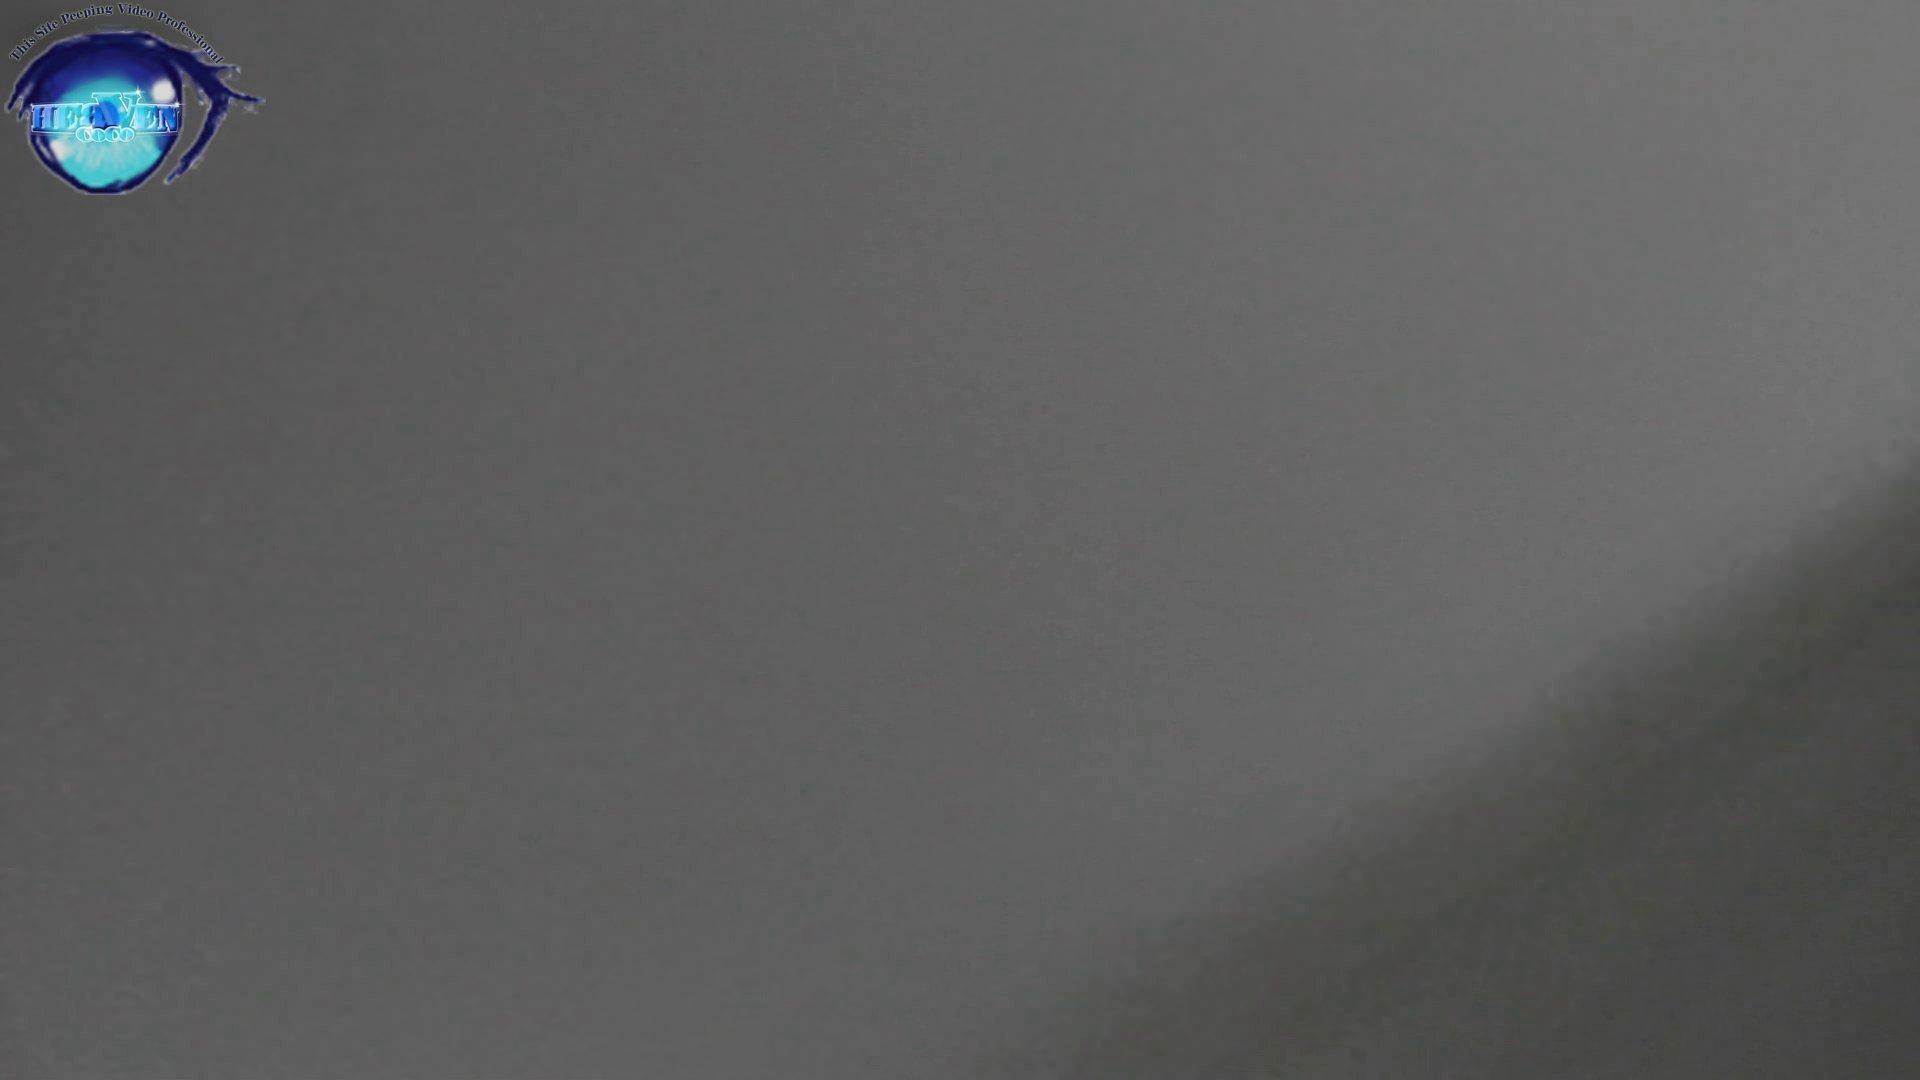 お銀さん vol.59 ピンチ!!「鏡の前で祈る女性」にばれる危機 後編 0  77連発 12